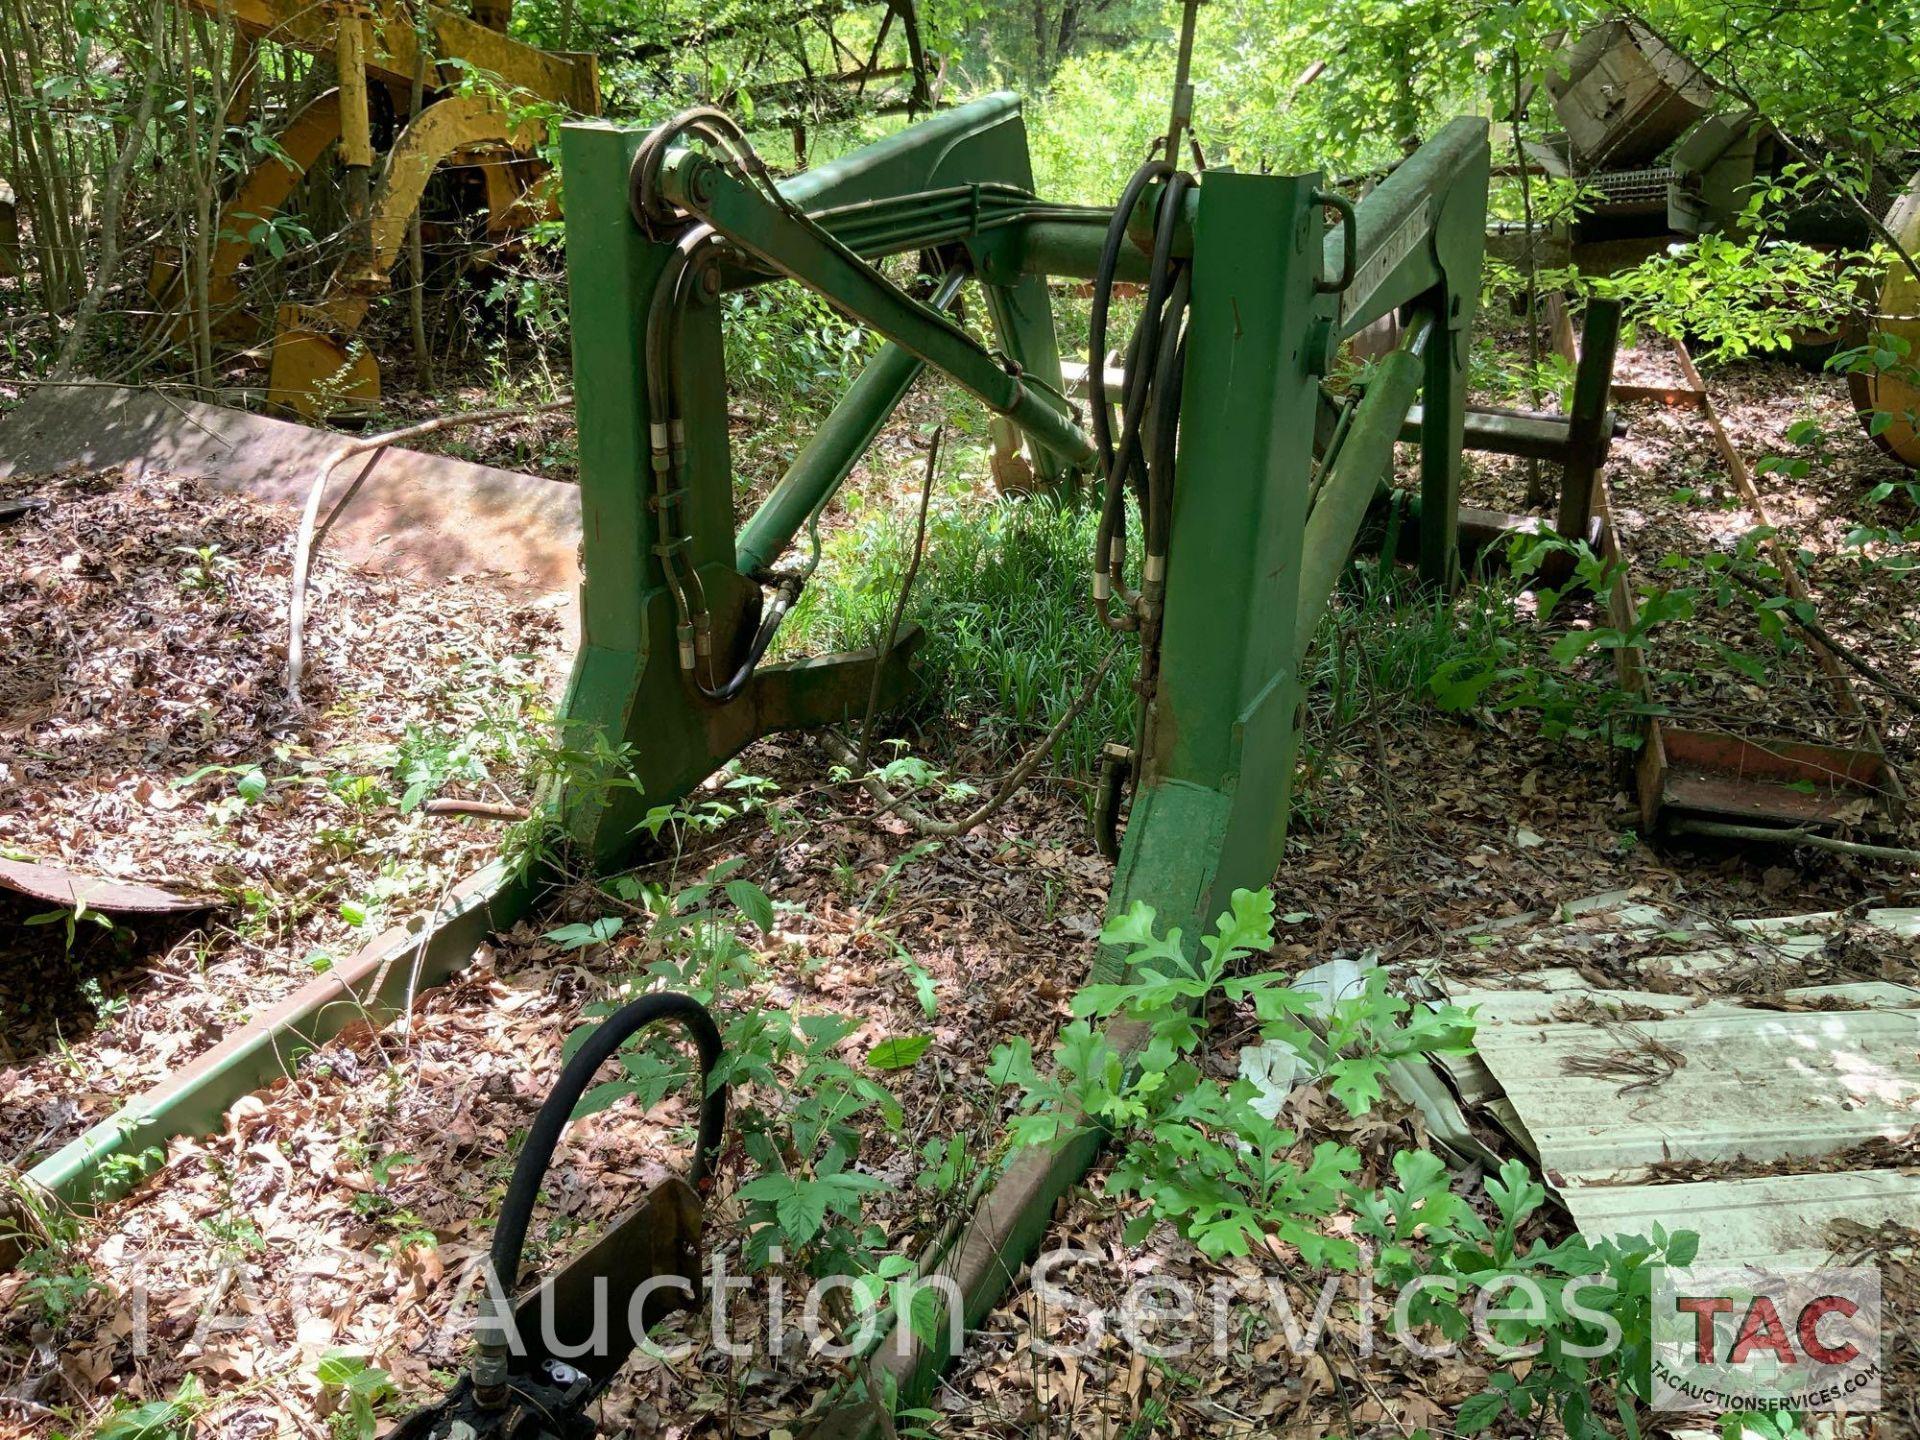 John Deere 4440 Tractor - Image 22 of 31